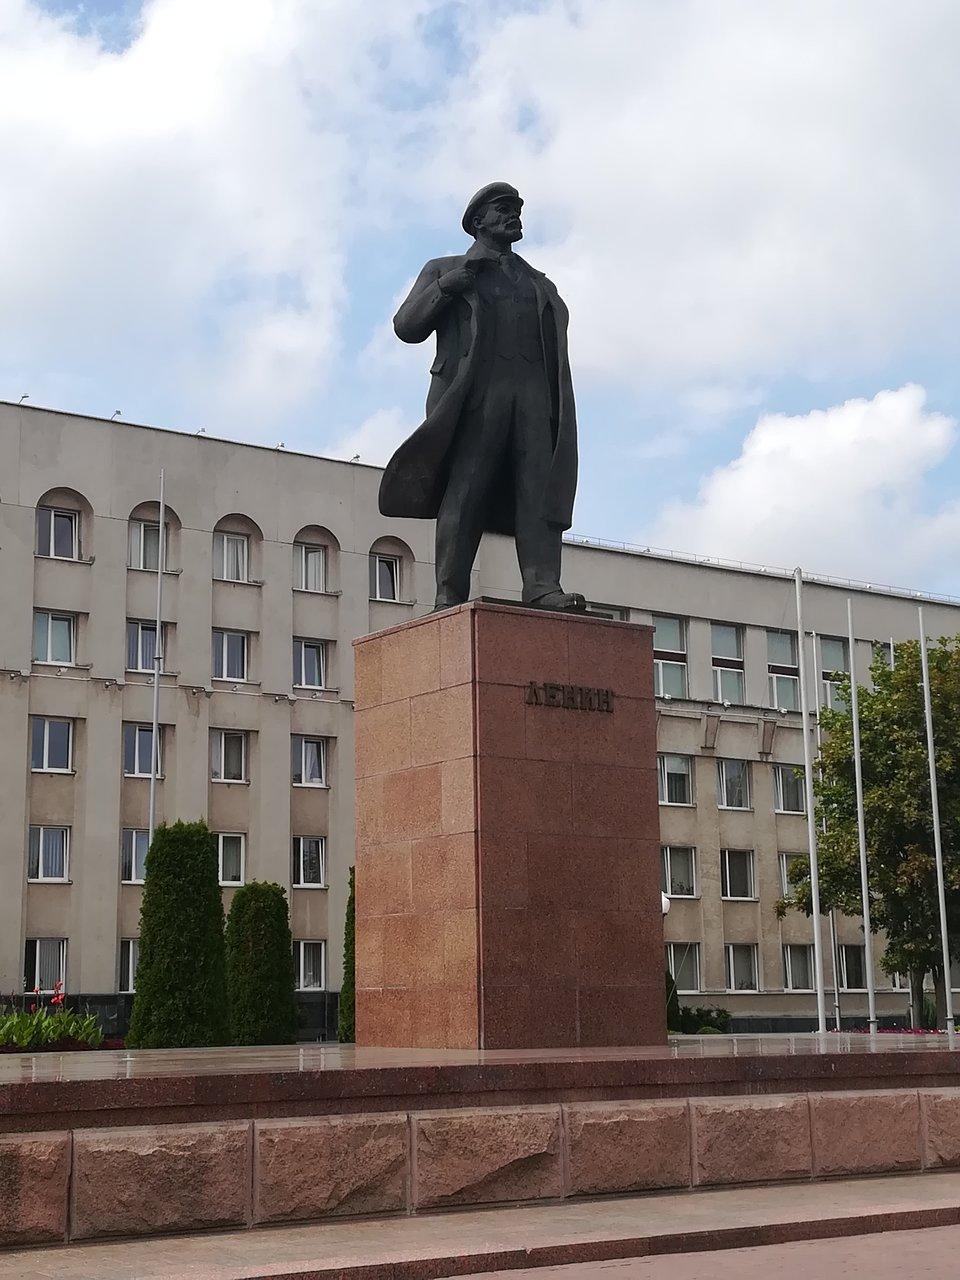 Центр Гродно, площадь Ленина, памятник вождю и здание горисполкома на заднем плане. Фото: Гугл.